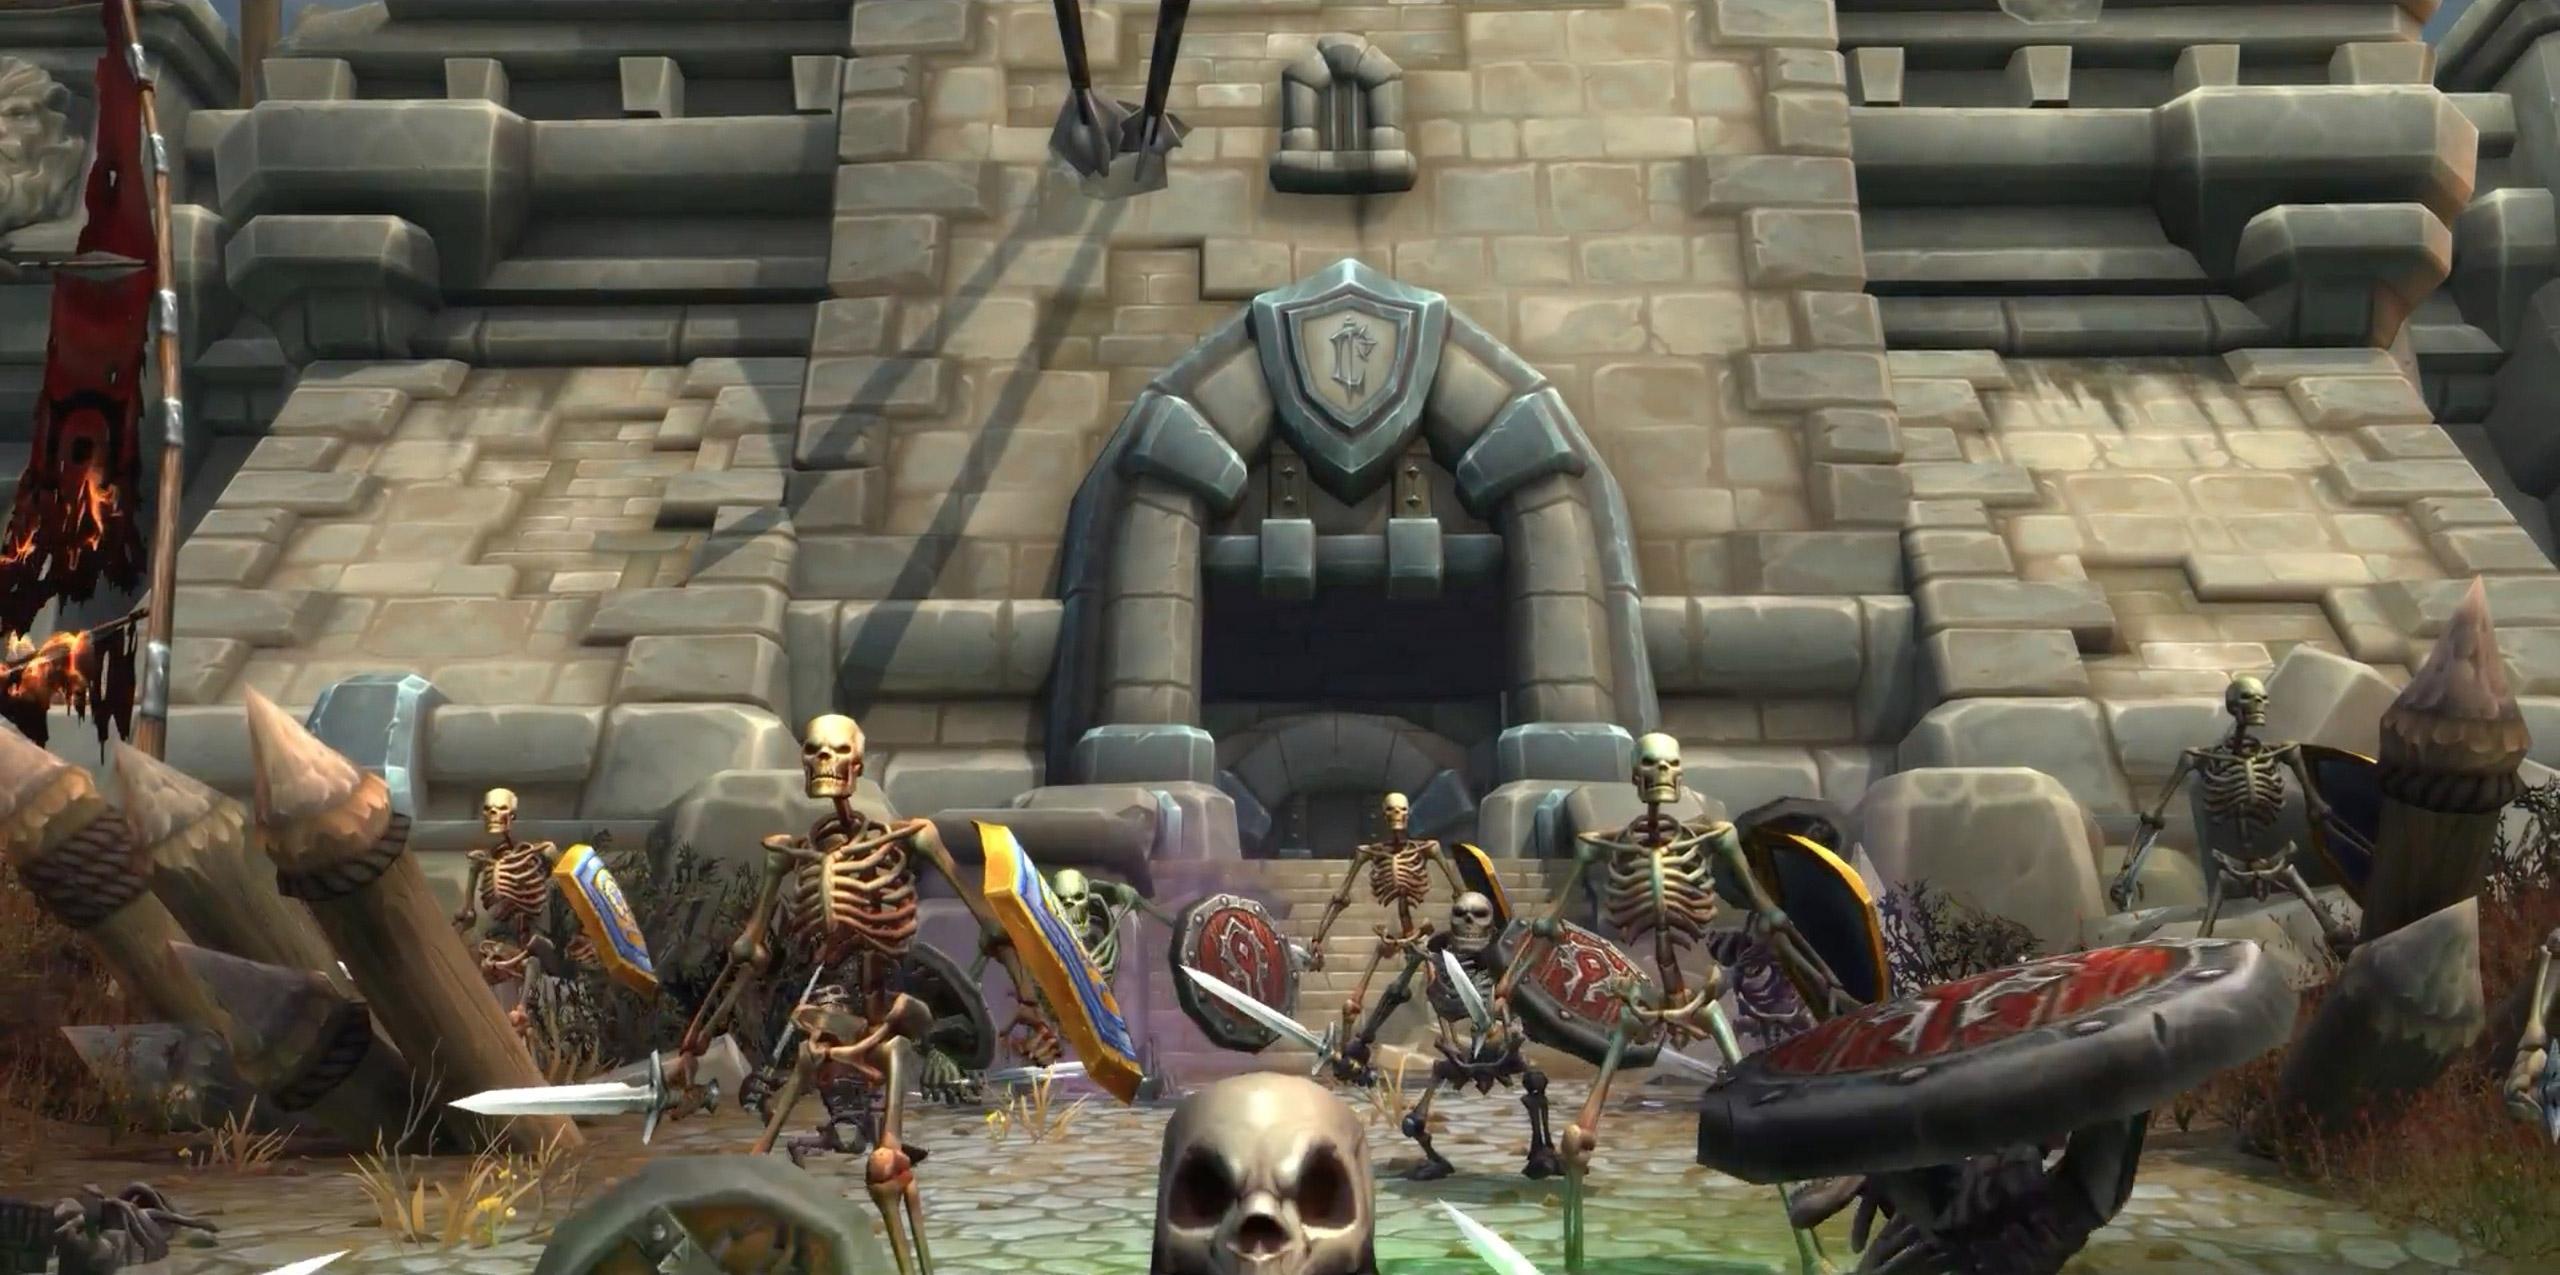 Les soldats de l'Alliance et de la Horde se relèvent en squelettes